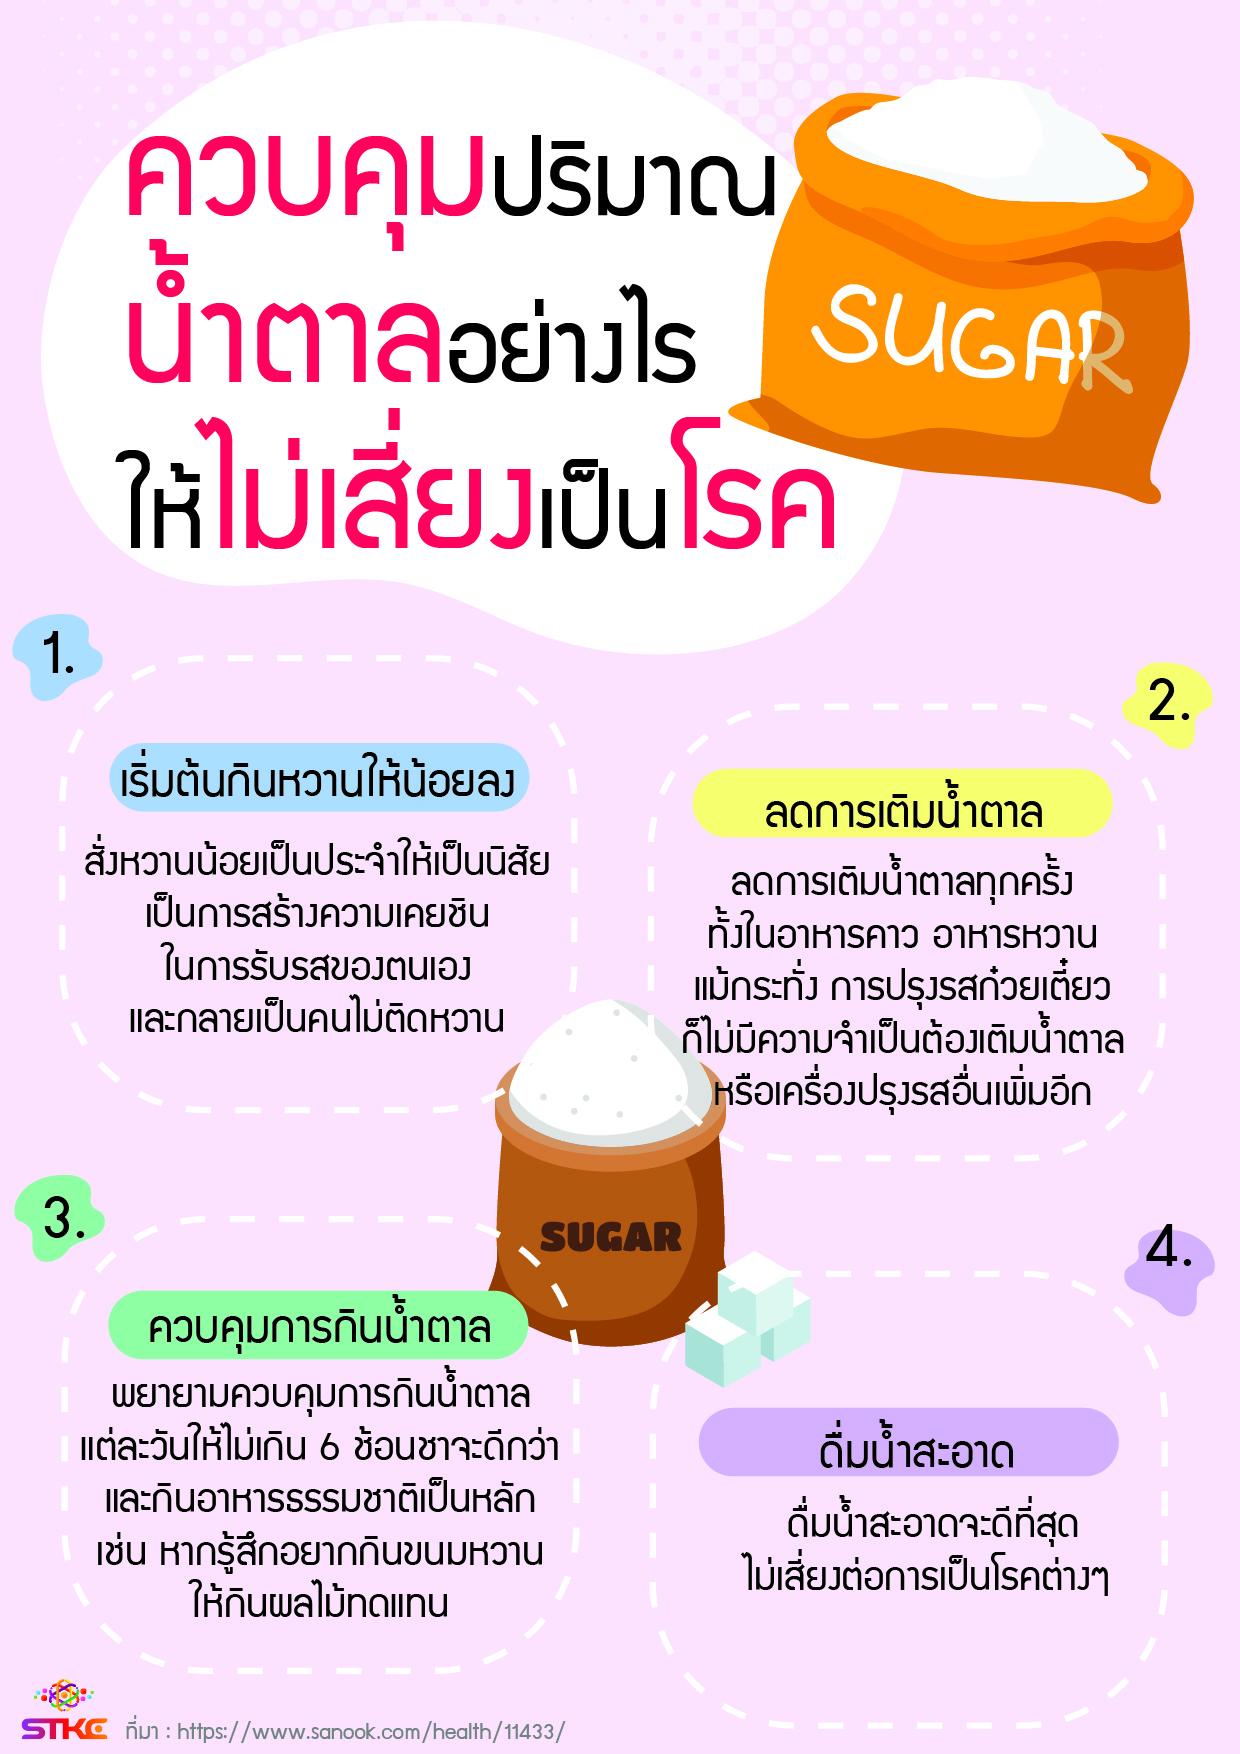 ควบคุมปริมาณน้ำตาลอย่างไรให้ไม่เสี่ยงเป็นโรค